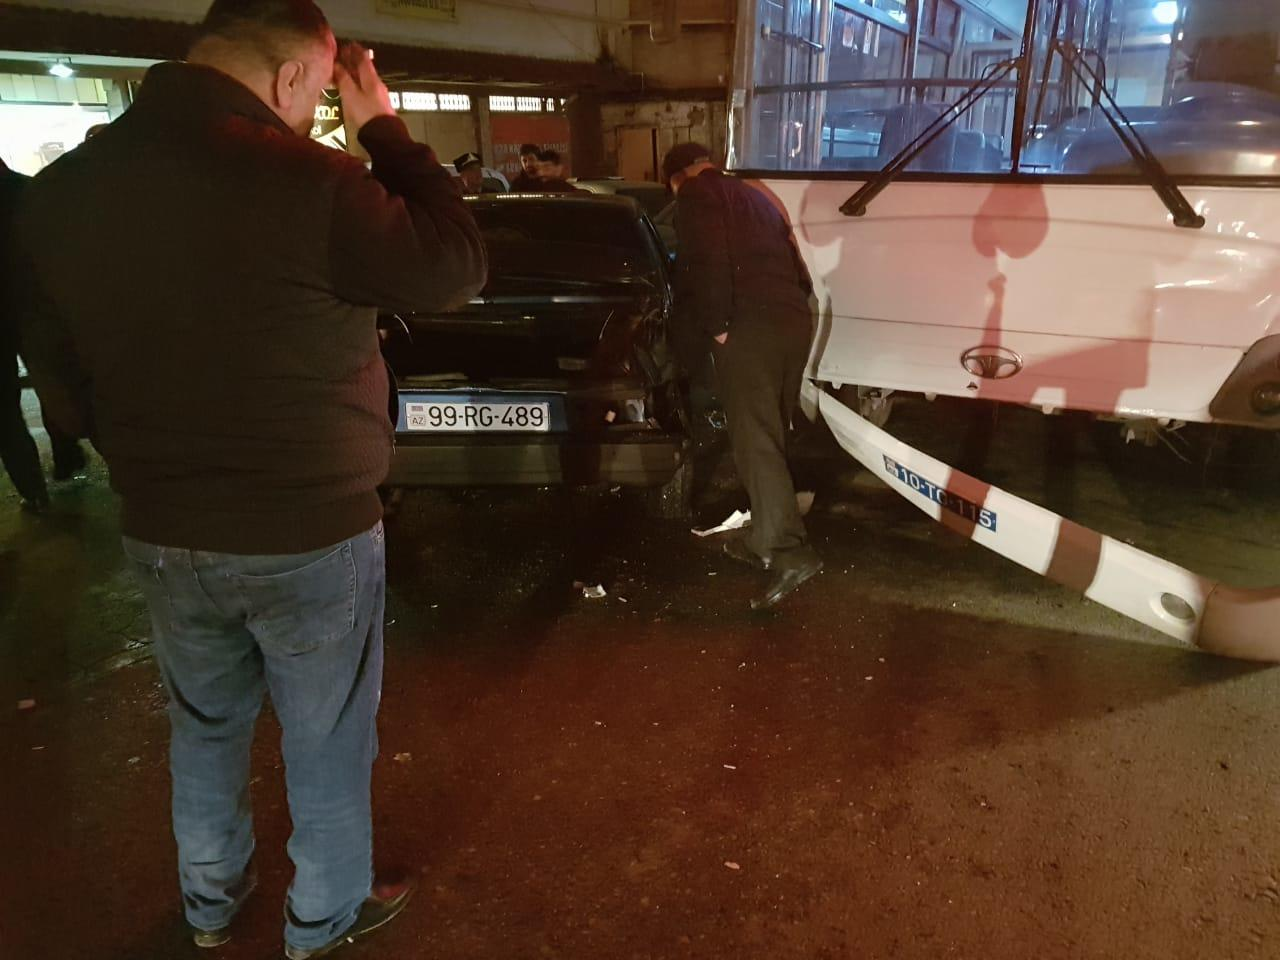 Bakıda sərnişin dolu avtobus qəza törətdi - FOTO